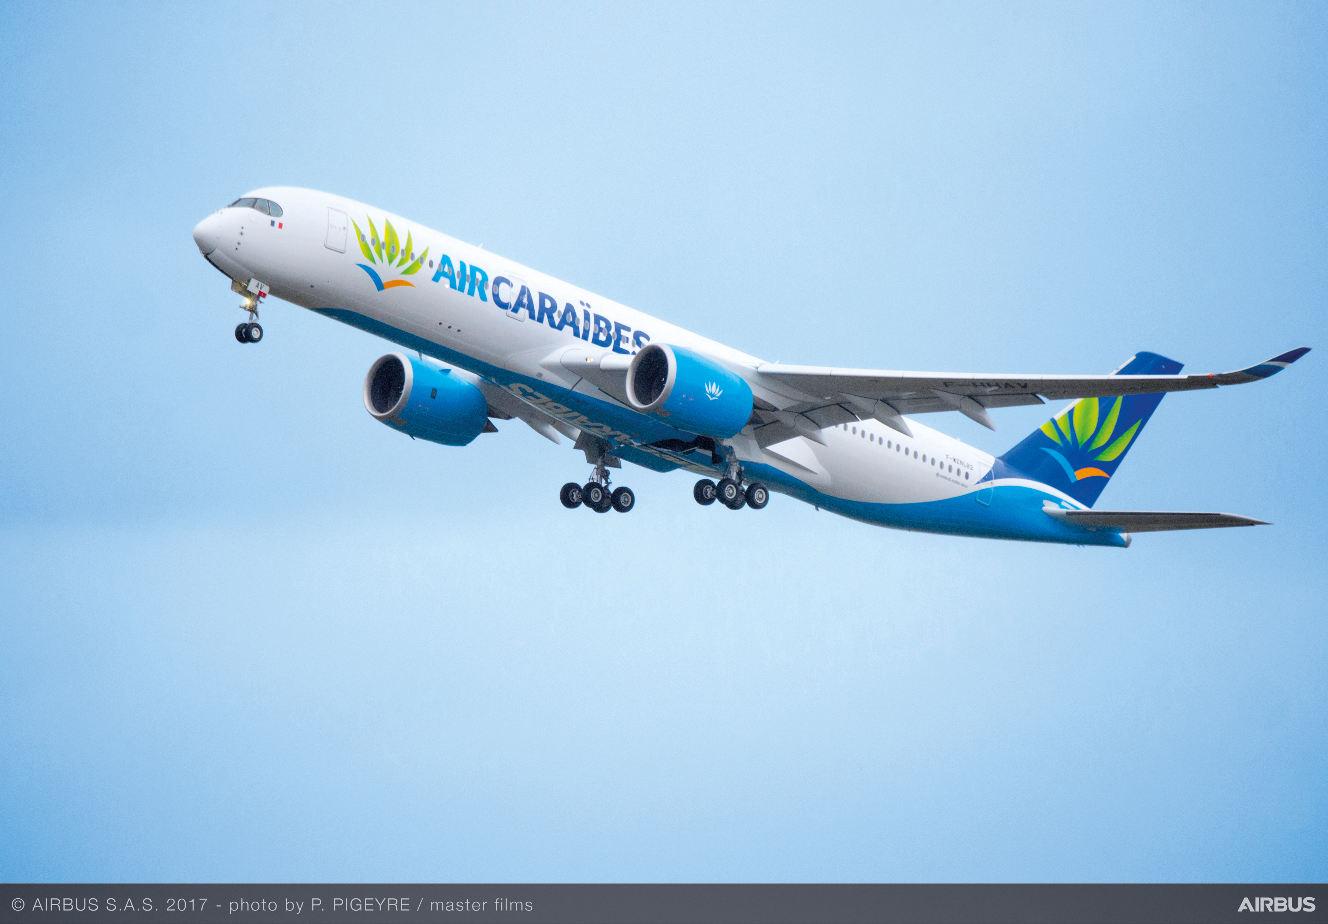 Le premier Airbus A350-900 d'Air Caraïbes prend les airs